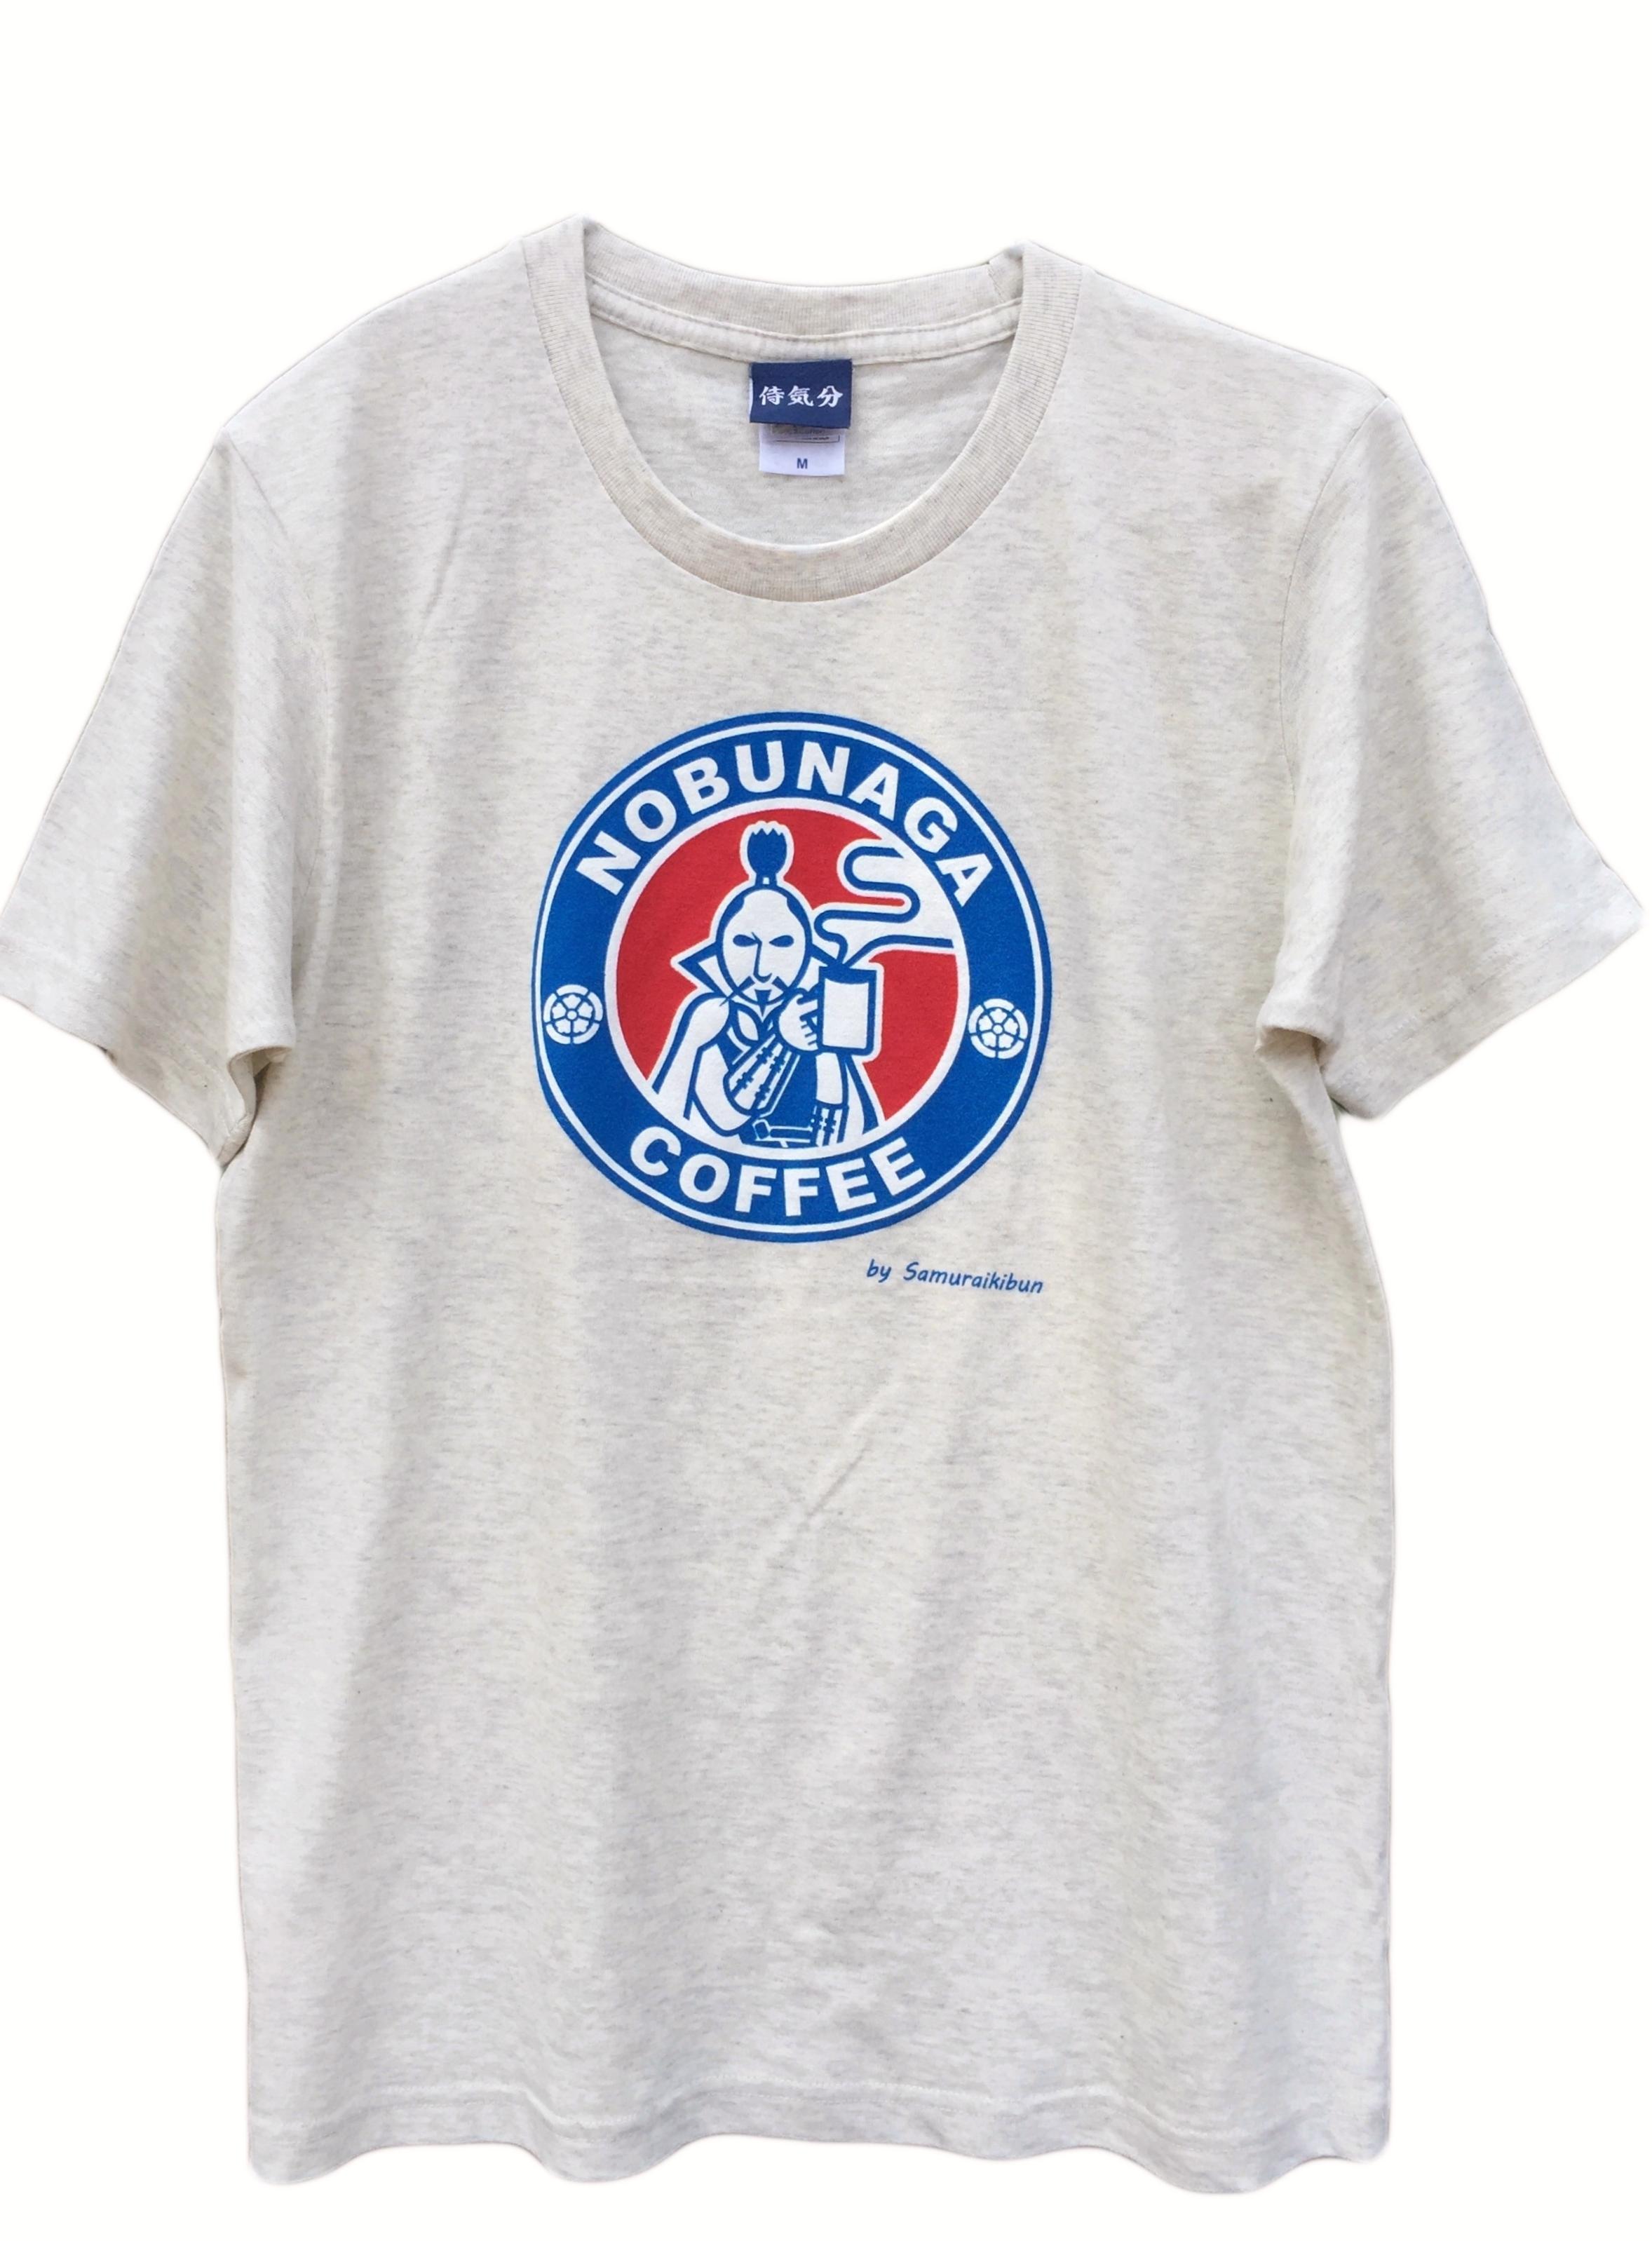 織田信長Tシャツ 信長コーヒーロゴTシャツ